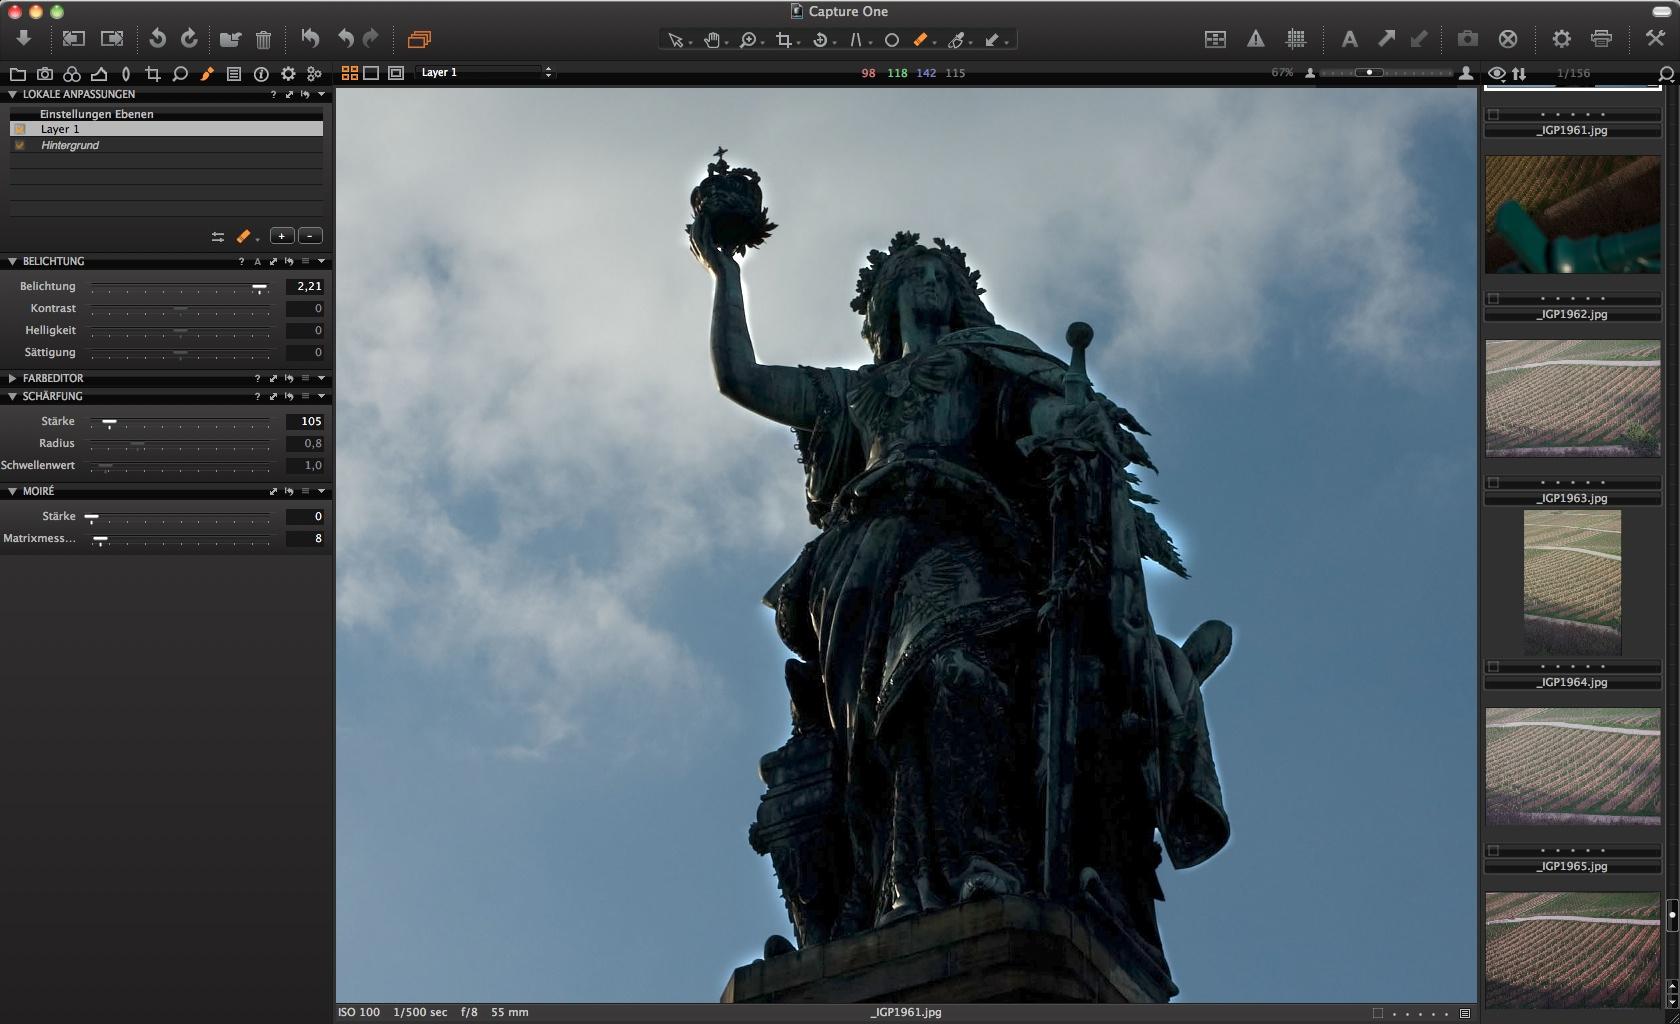 Capture One: Rohdatenentwickler unterstützt Grafiktablets - Phase One Capture One - lokale Korrektur (nachher)